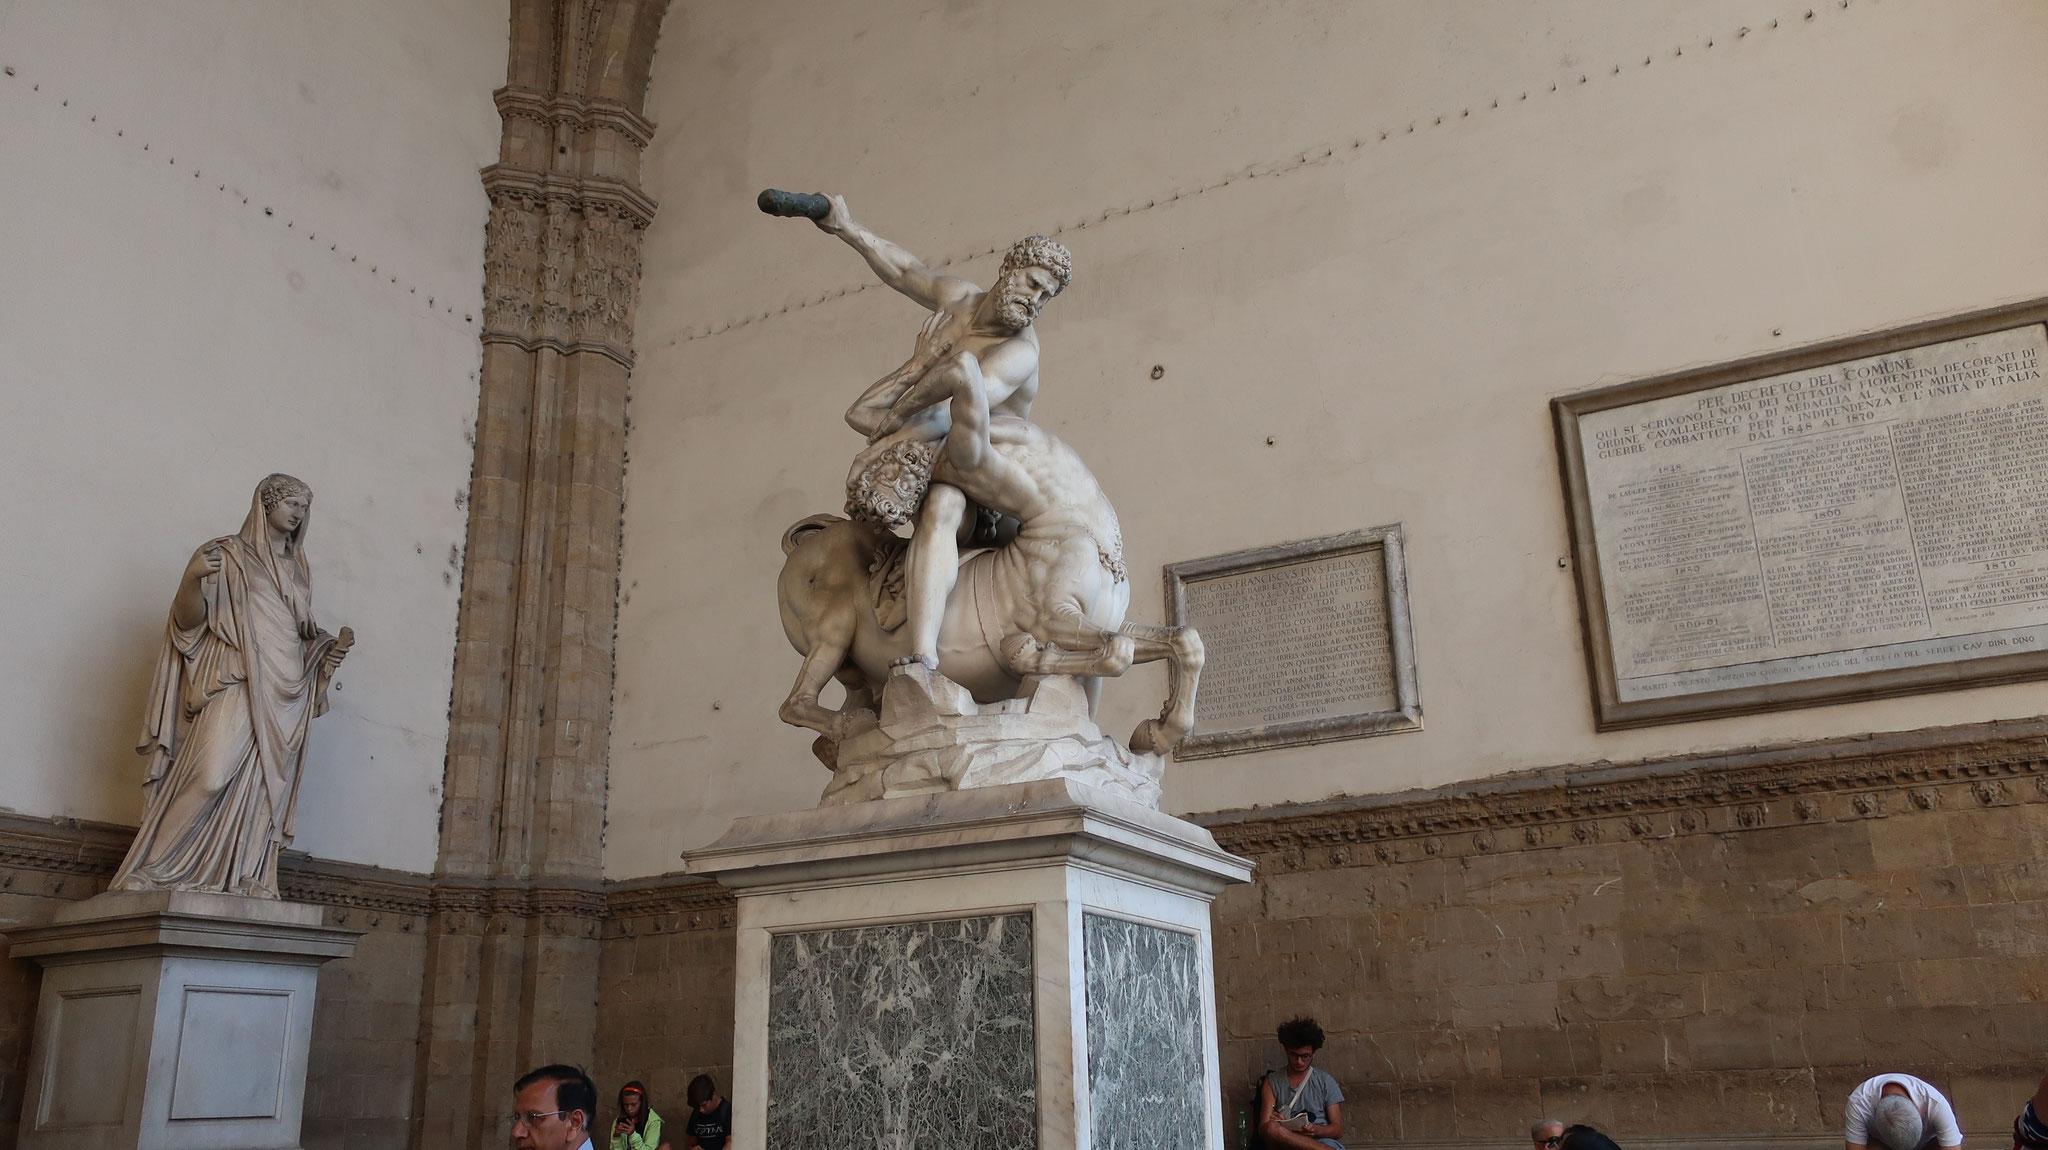 ヘラクレスとケンタウロスのネッソス。16世紀、ジャンボローニャ作。ヘラクレスは自分の妻に乱暴したケンタウロス(半人半馬の怪物)ネッソスを殺しました。